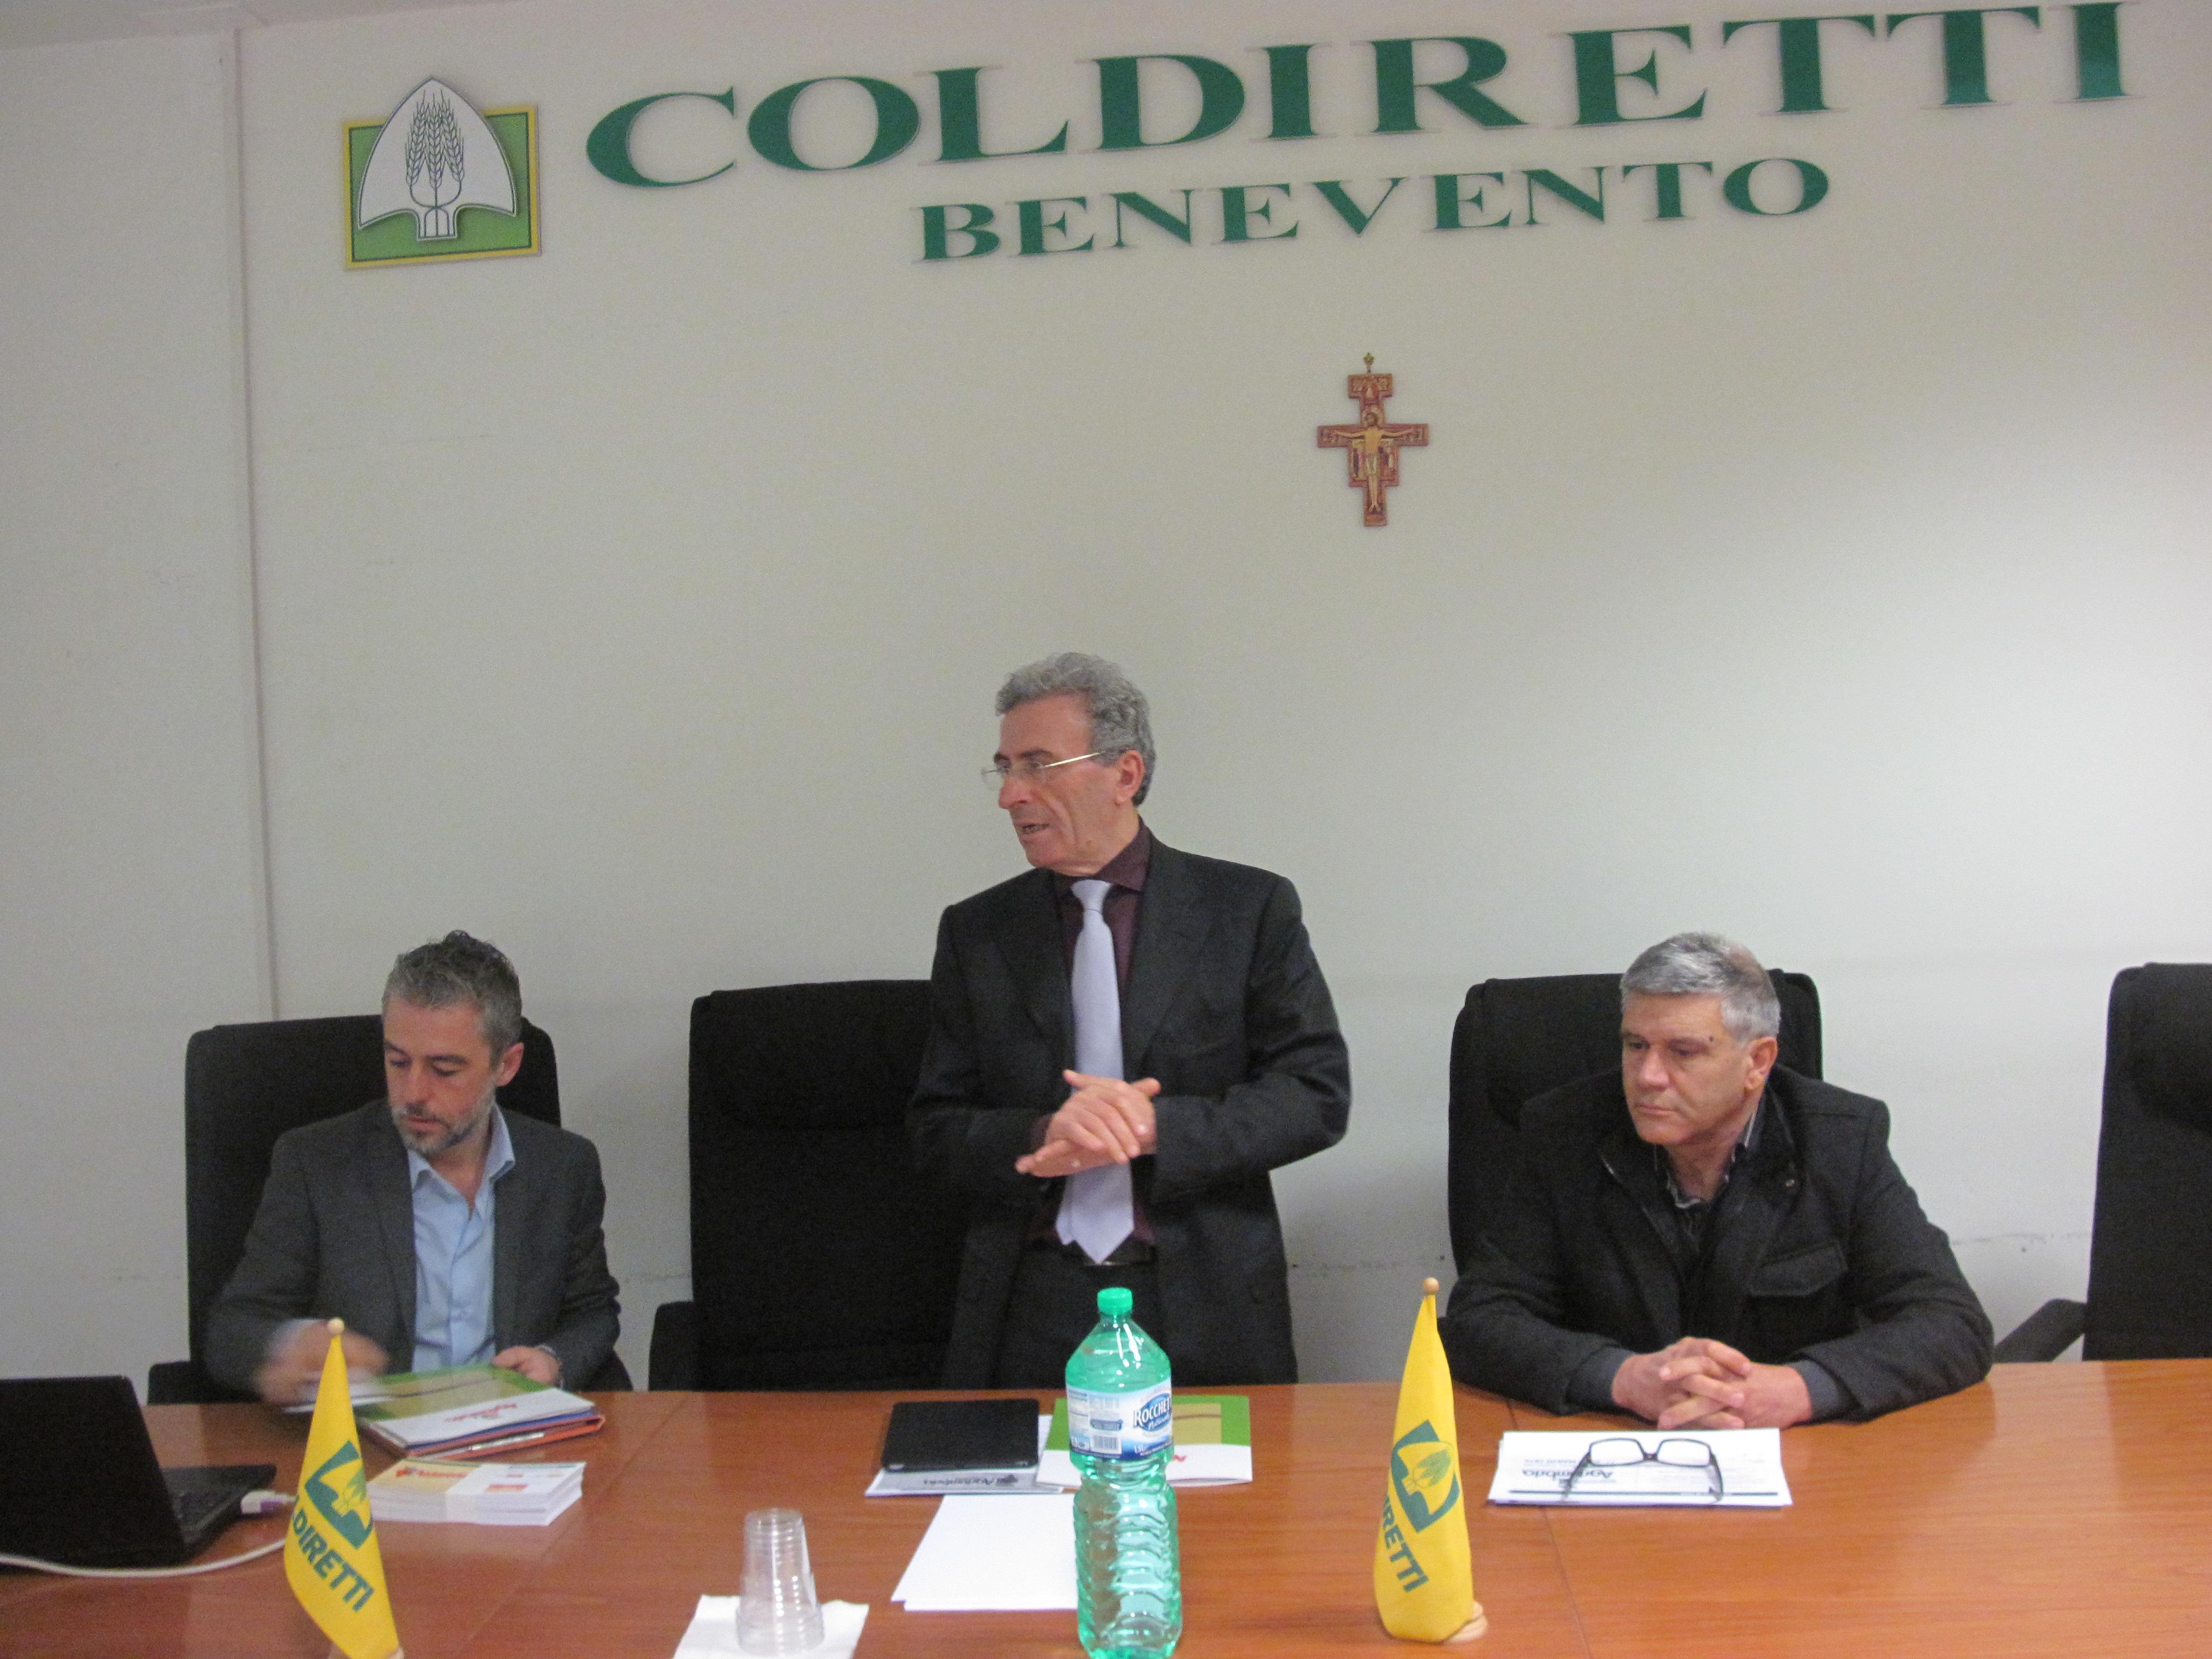 Presentata, presso la sede di Coldiretti, la fiera 'Agriumbria' in programma a marzo